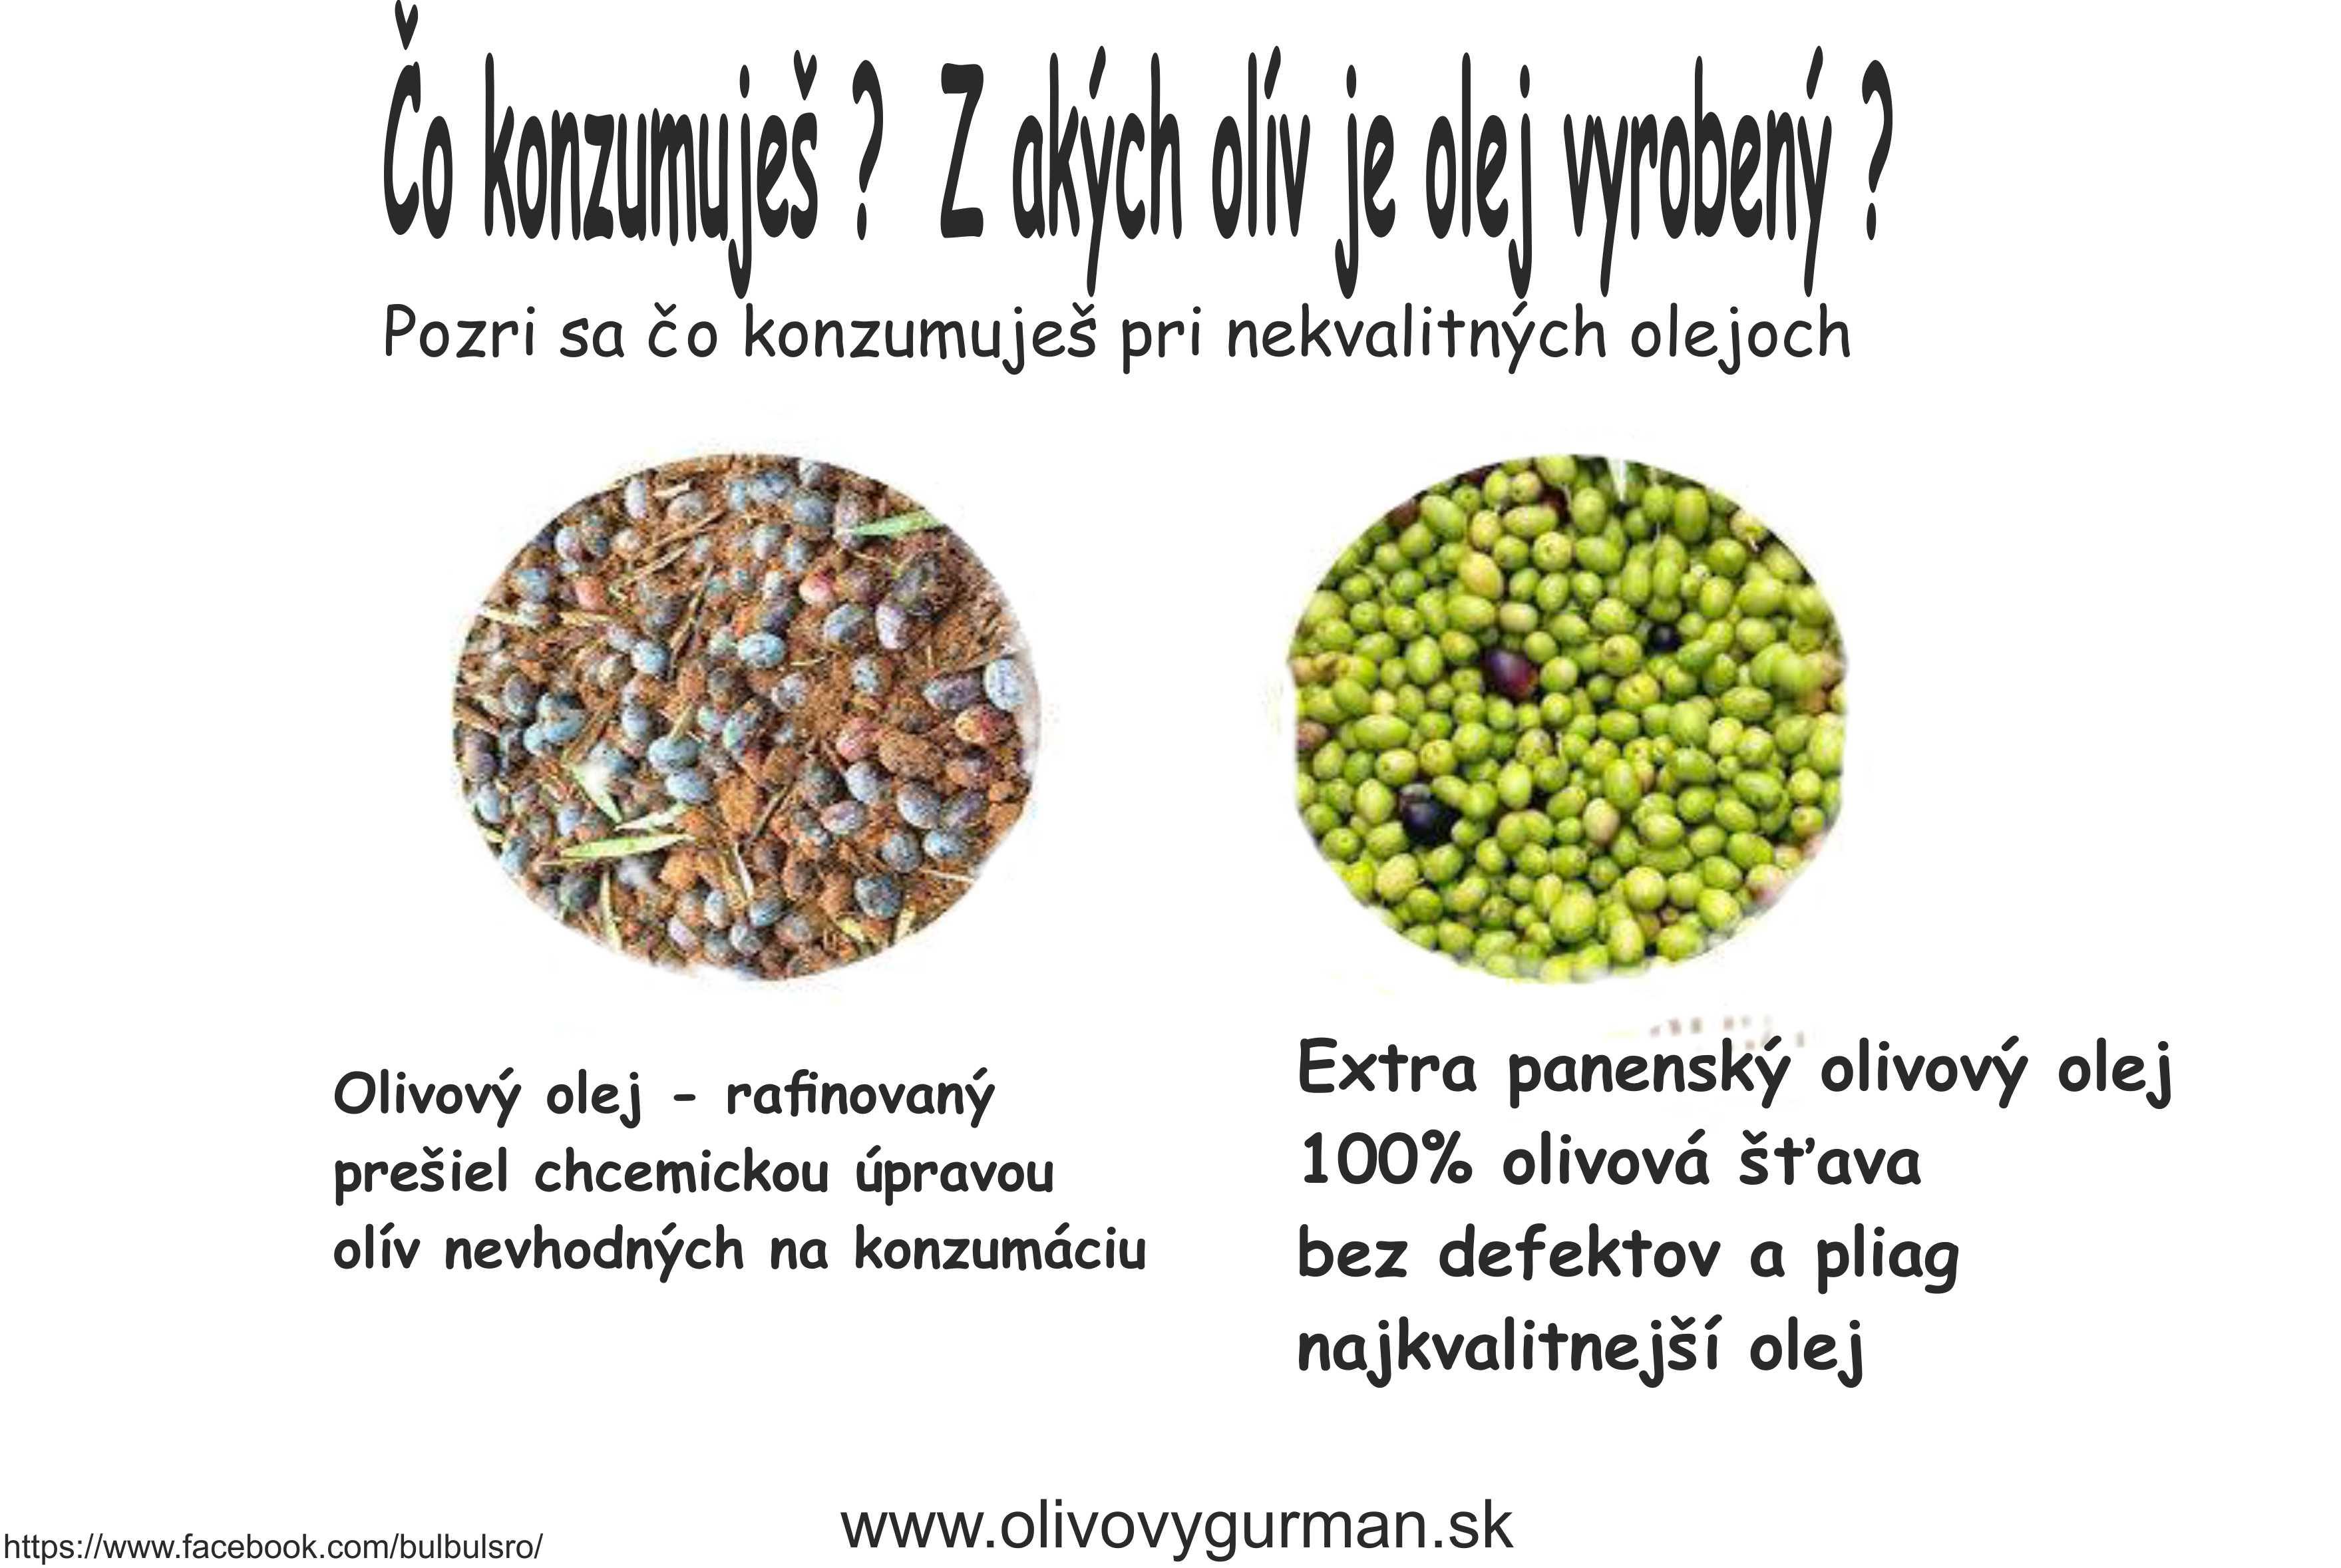 Extra panenský olivový olej vs  Rafinovaný panenský olivový olej.